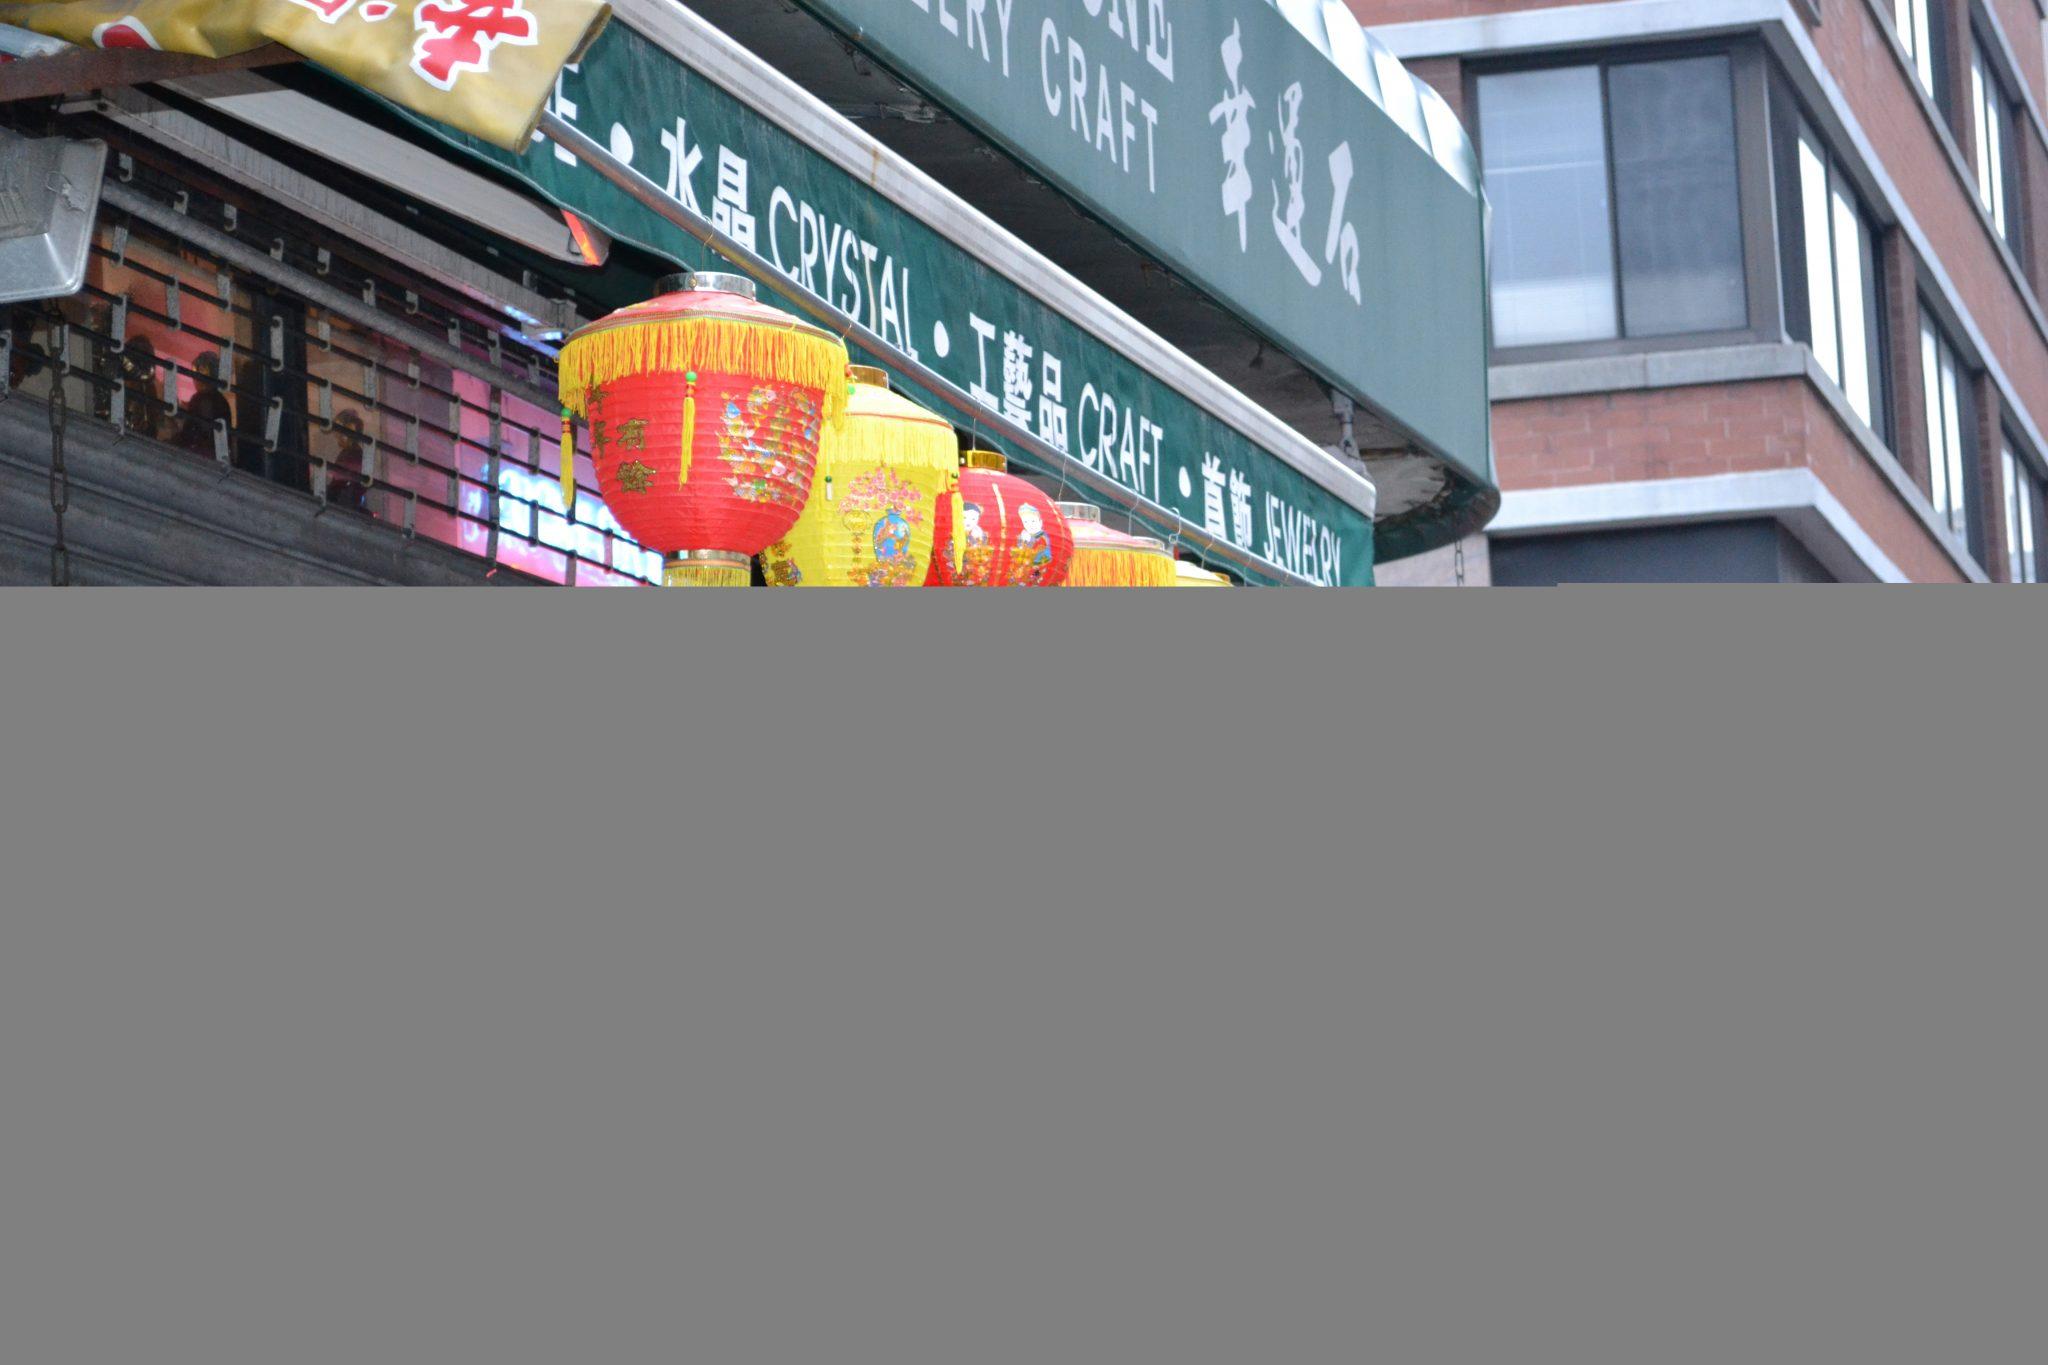 New York Part 5: Neighbourhoodwalk China Town - dsc 0548